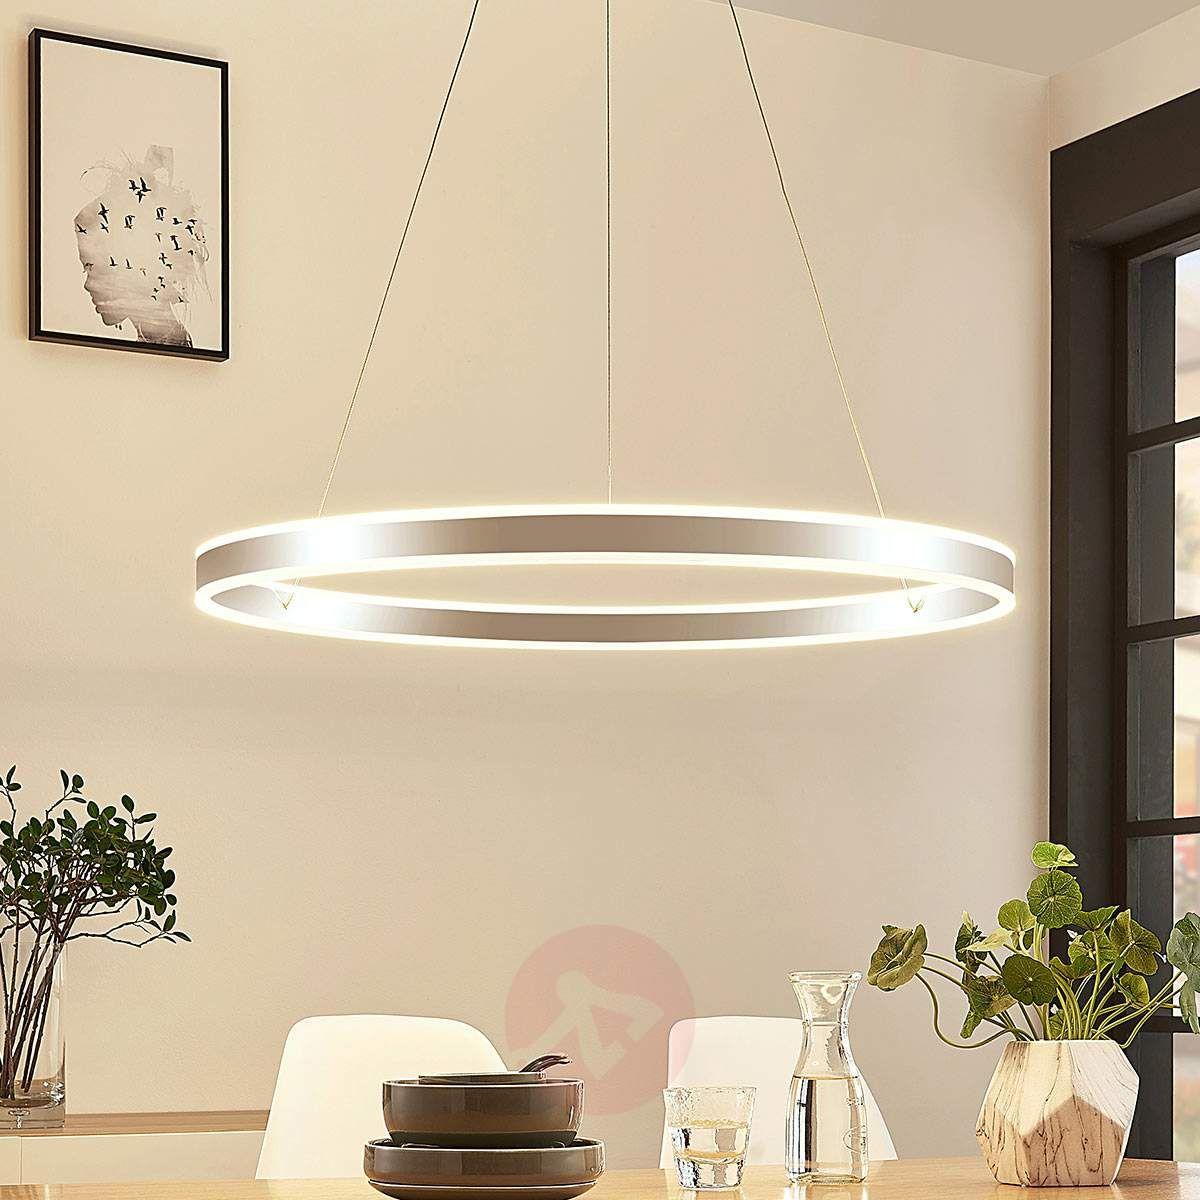 Lampa wisząca LED Lyani chrom, ściemniana, 80 cm   Lampa